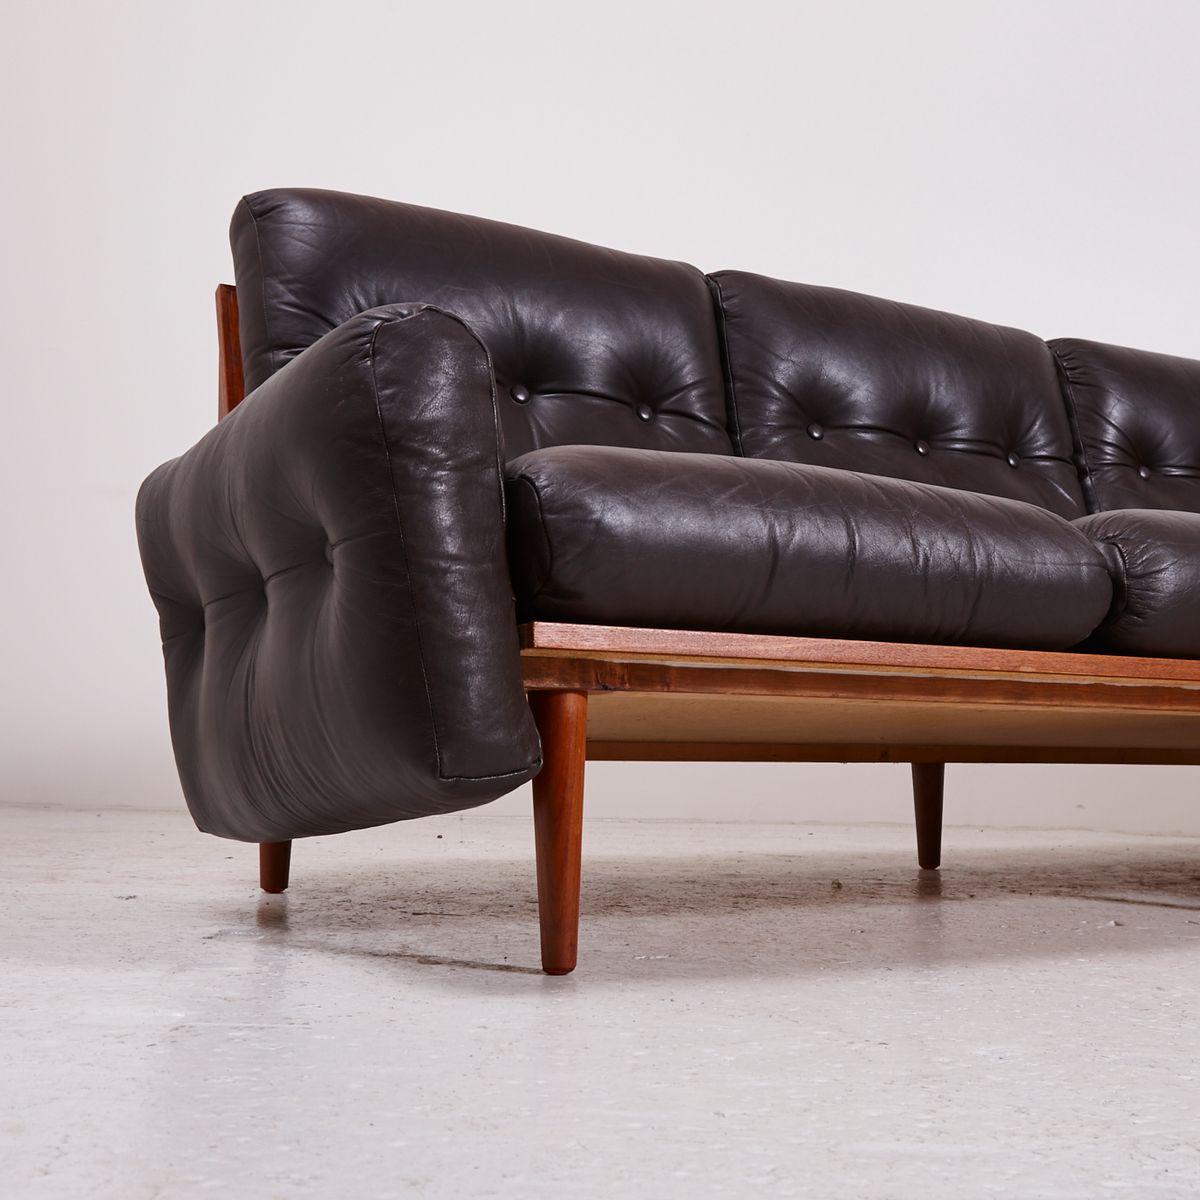 D nisches 3 sitzer ledersofa mit marmor beistelltisch for Marmor beistelltisch